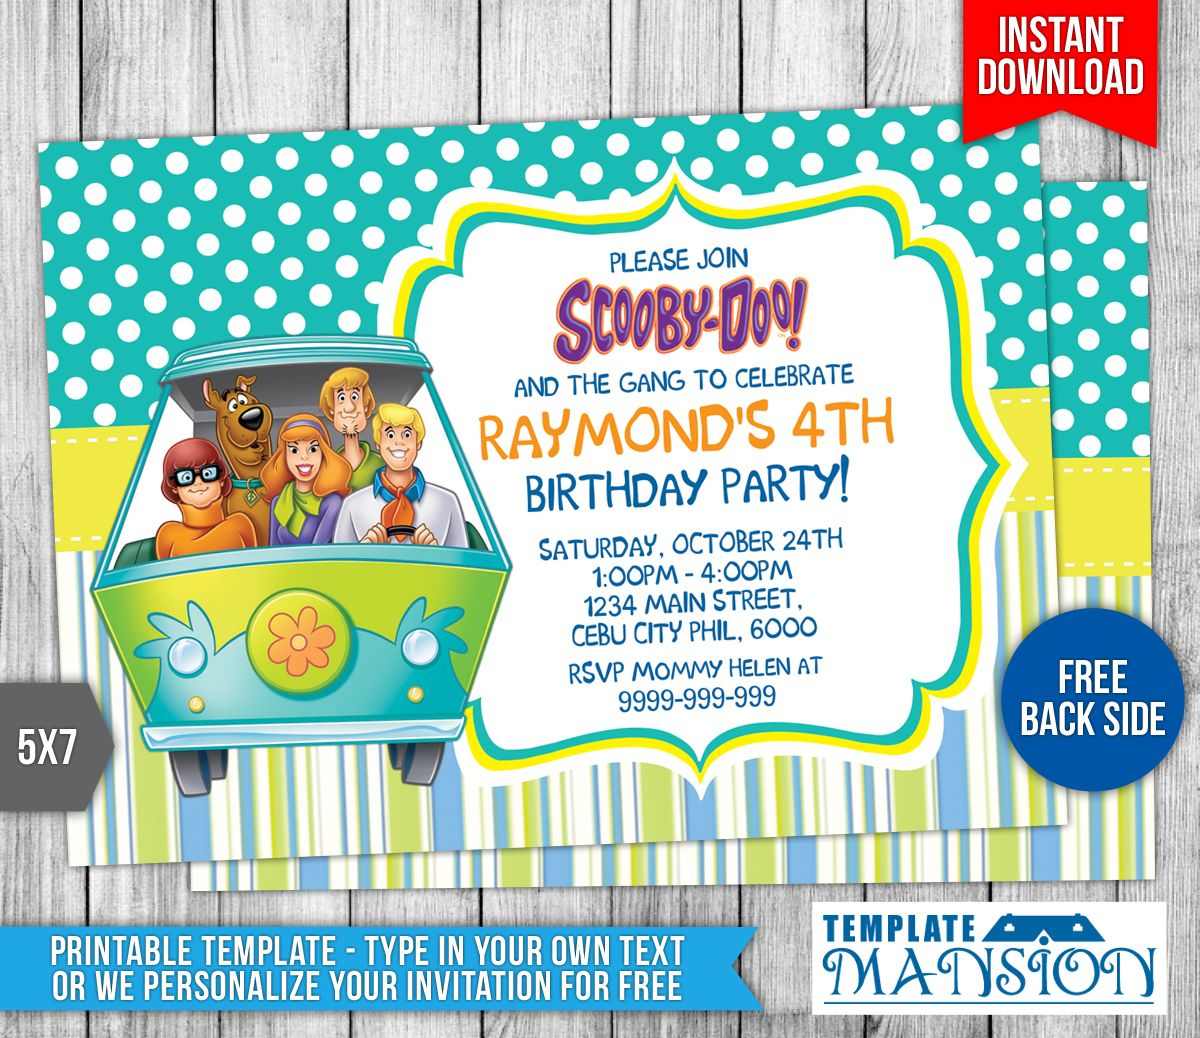 Free Scooby Doo Birthday Invitation Scooby doo Party Pinterest